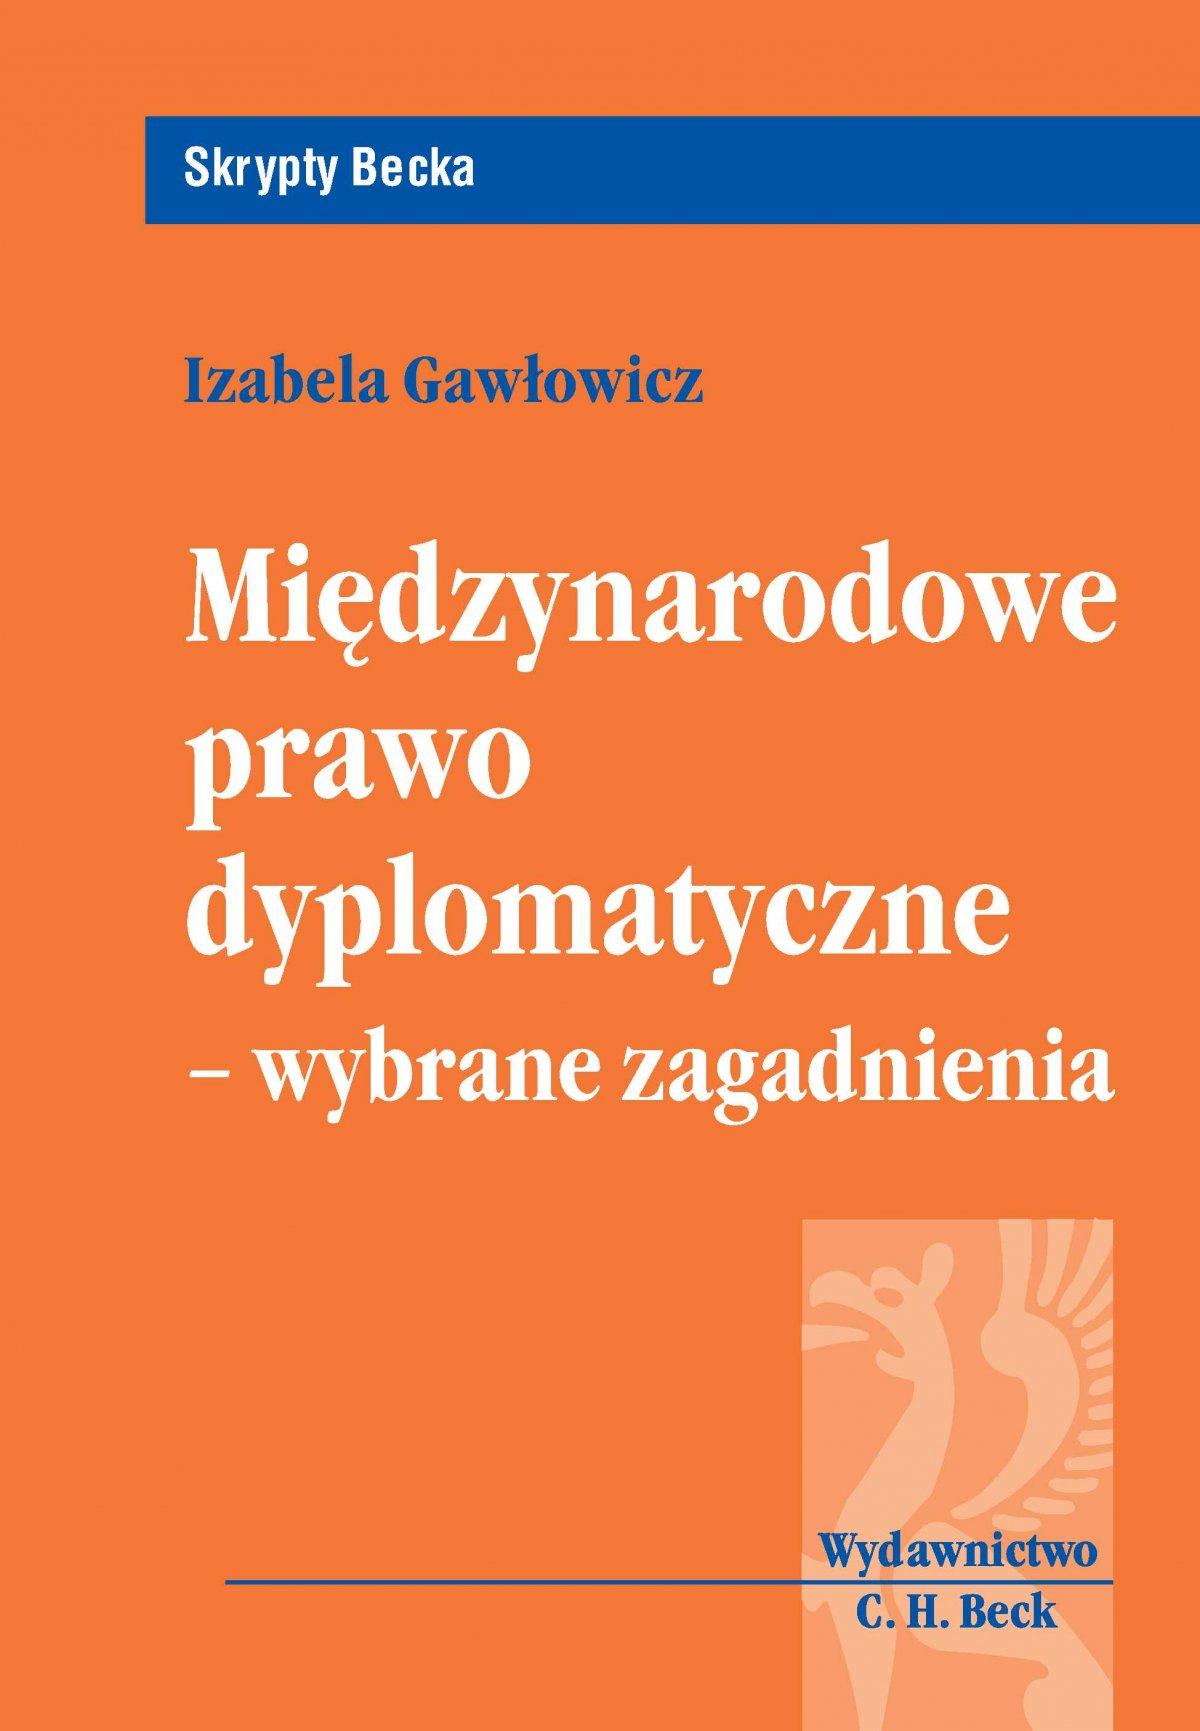 Międzynarodowe prawo dyplomatyczne - wybrane zagadnienia - Ebook (Książka PDF) do pobrania w formacie PDF